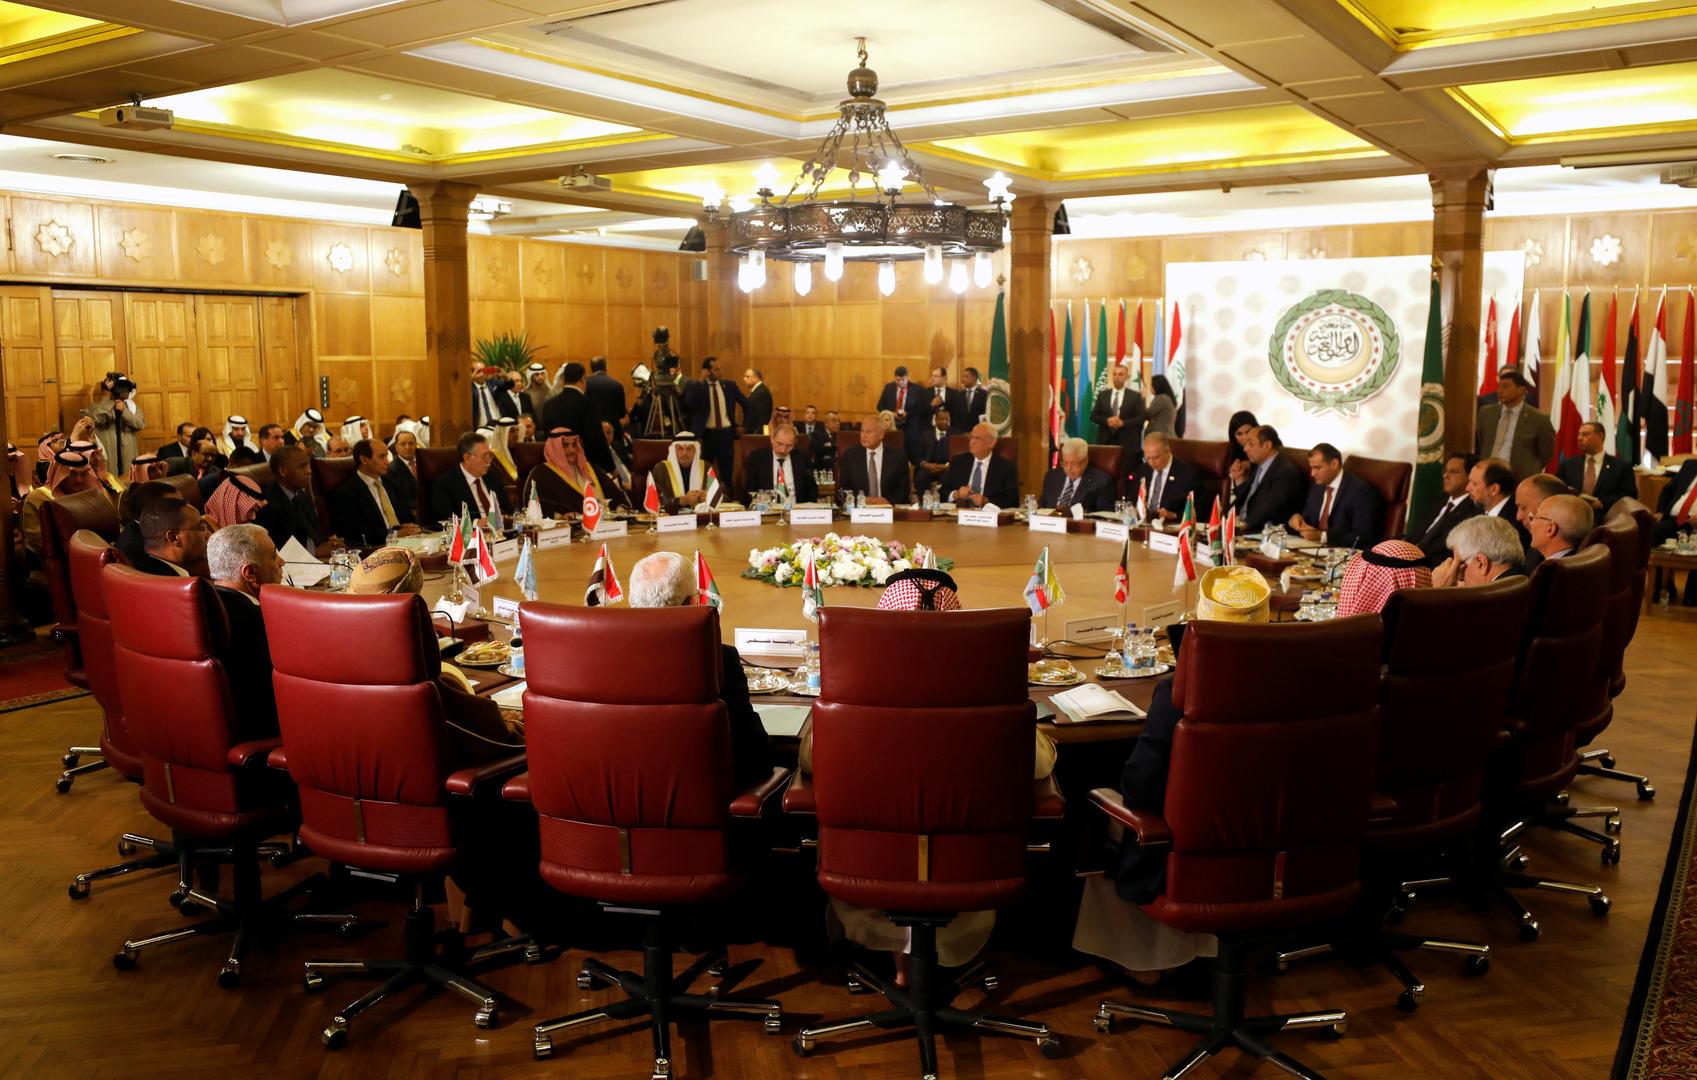 الجامعة العربية تعلن استعدادها لمساعدة الأفرقاء اللبنانيين